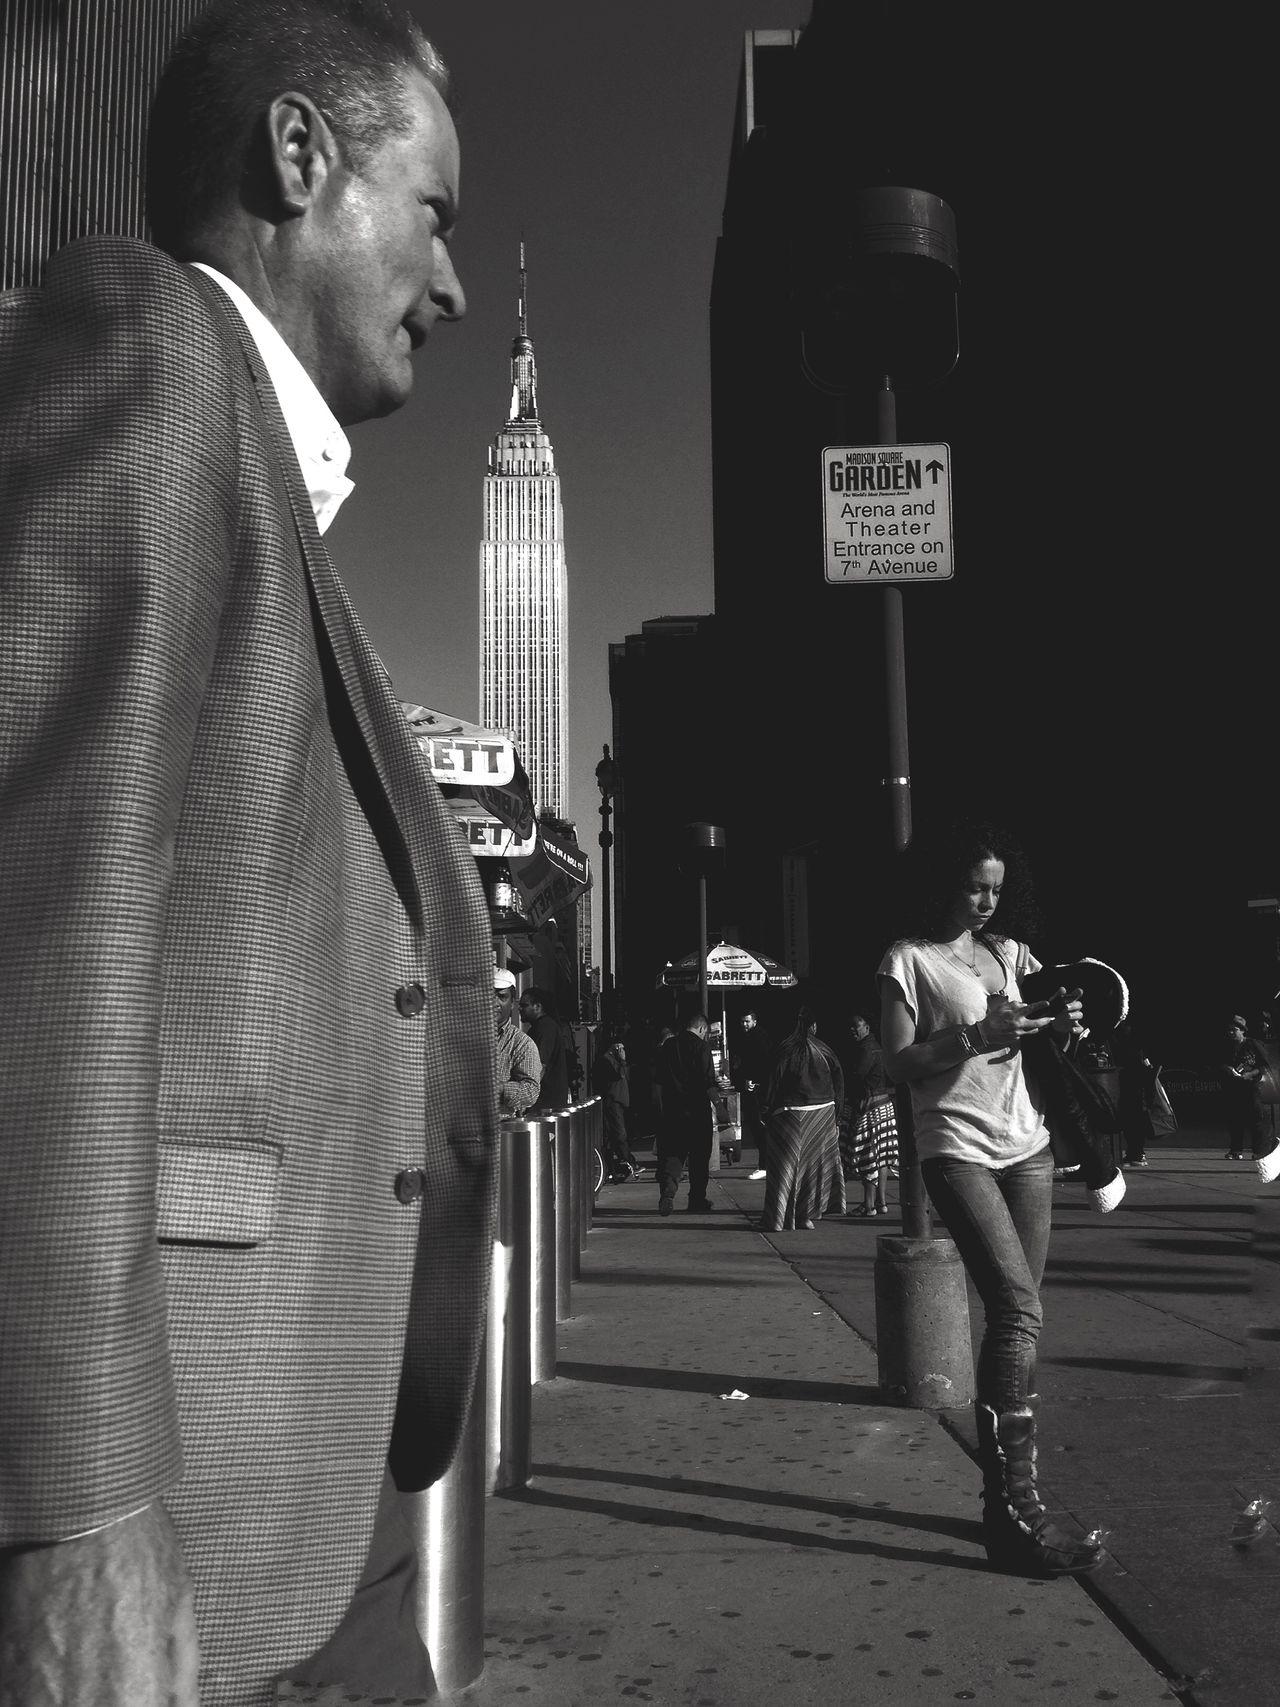 West 34th Street Black And White Photography EyeEm Best Shots - Black + White EyeEmBestPics Blackandwhite Photography Hipstamatic The Street Photographer - 2015 EyeEm Awards Black & White New York ❤ Streetphotography Street Protography